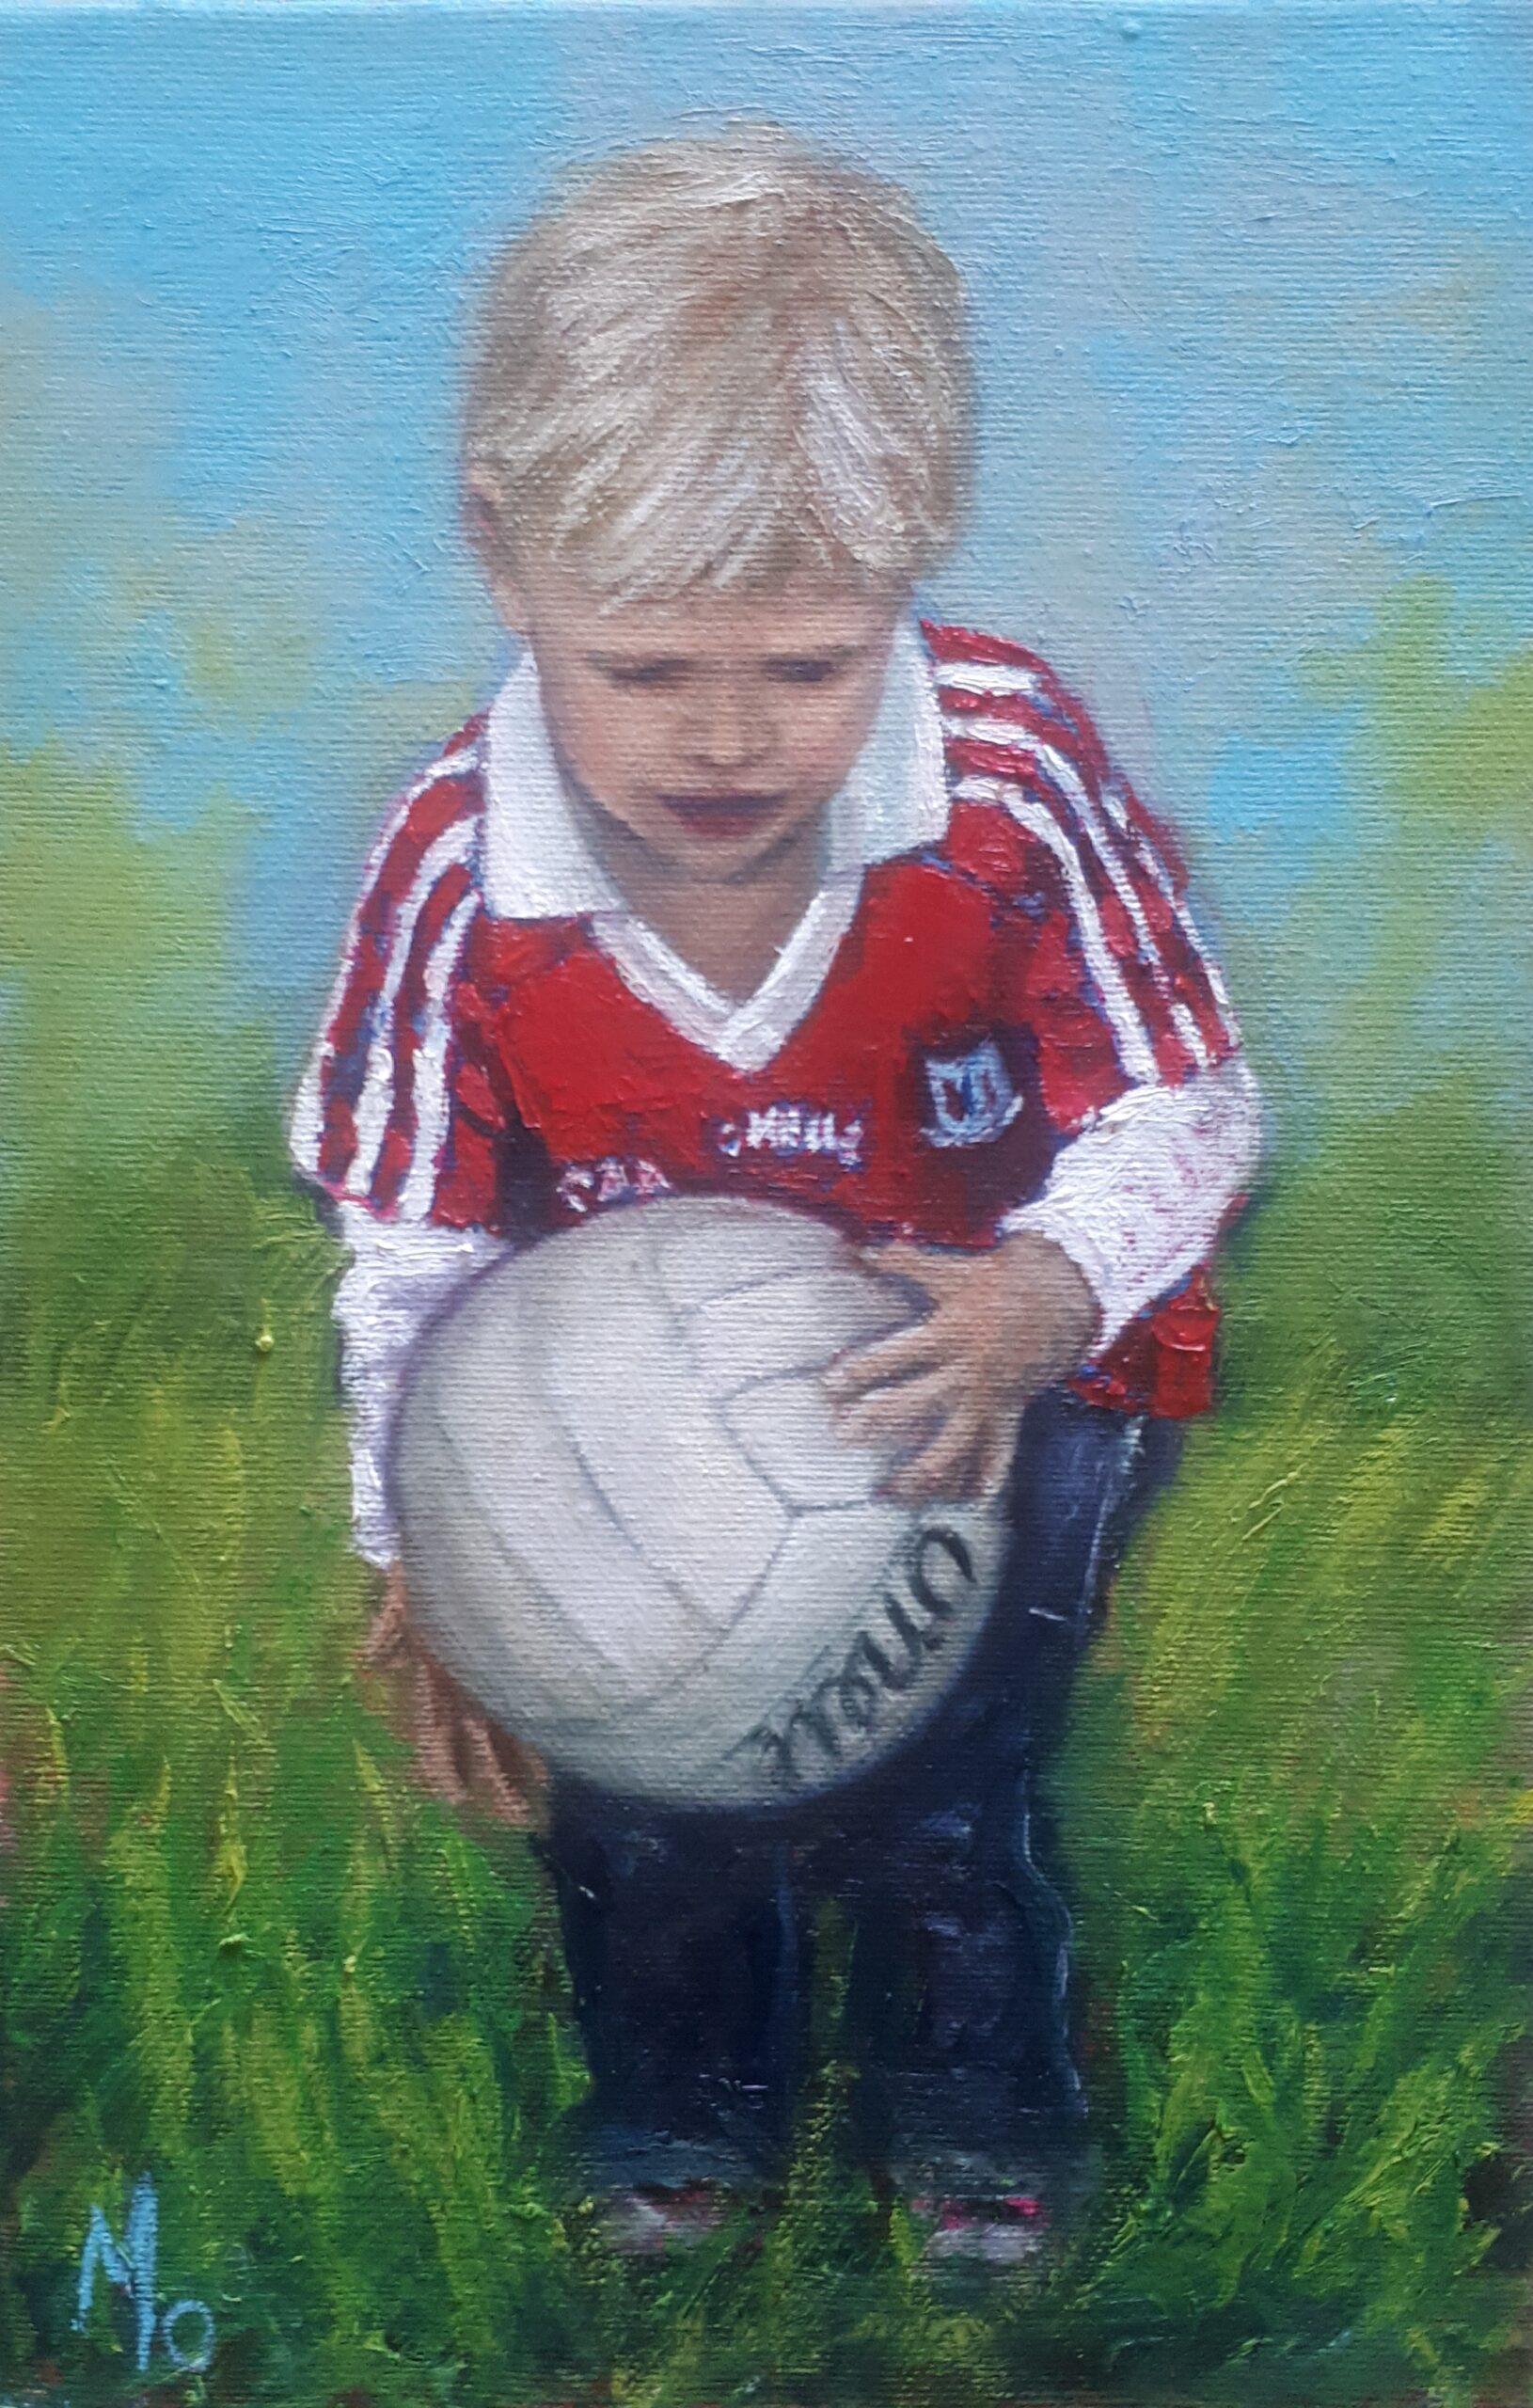 Little boy in cork GAA jersey holding a football